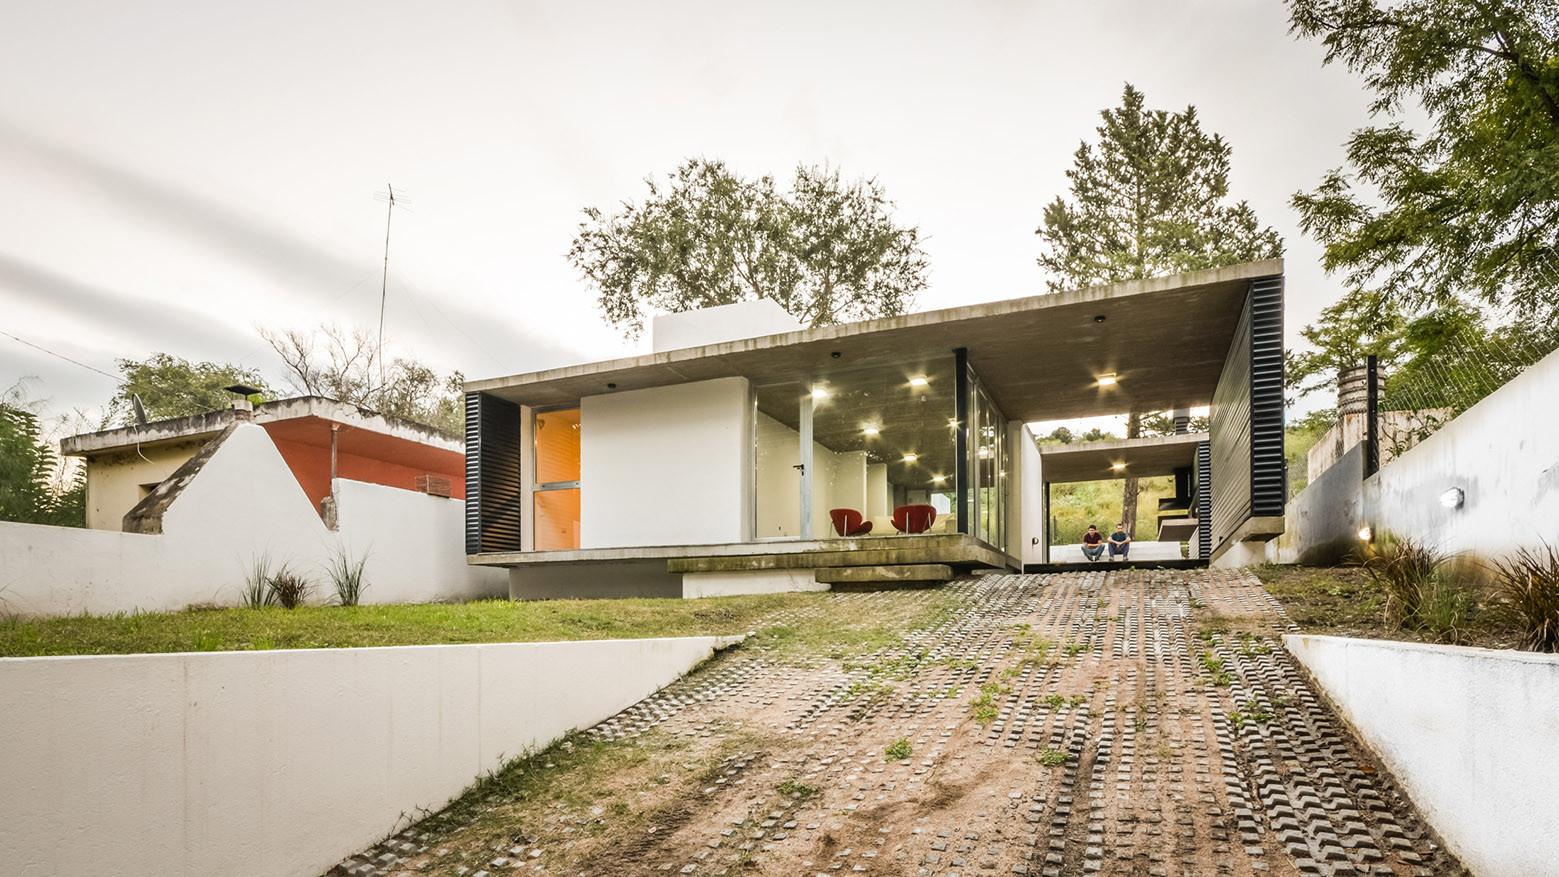 """Residência suburbana """"La Viña"""" / Juan Salassa, Santiago Tissot e Iván Castañeda, © Gonzalo Viramonte"""